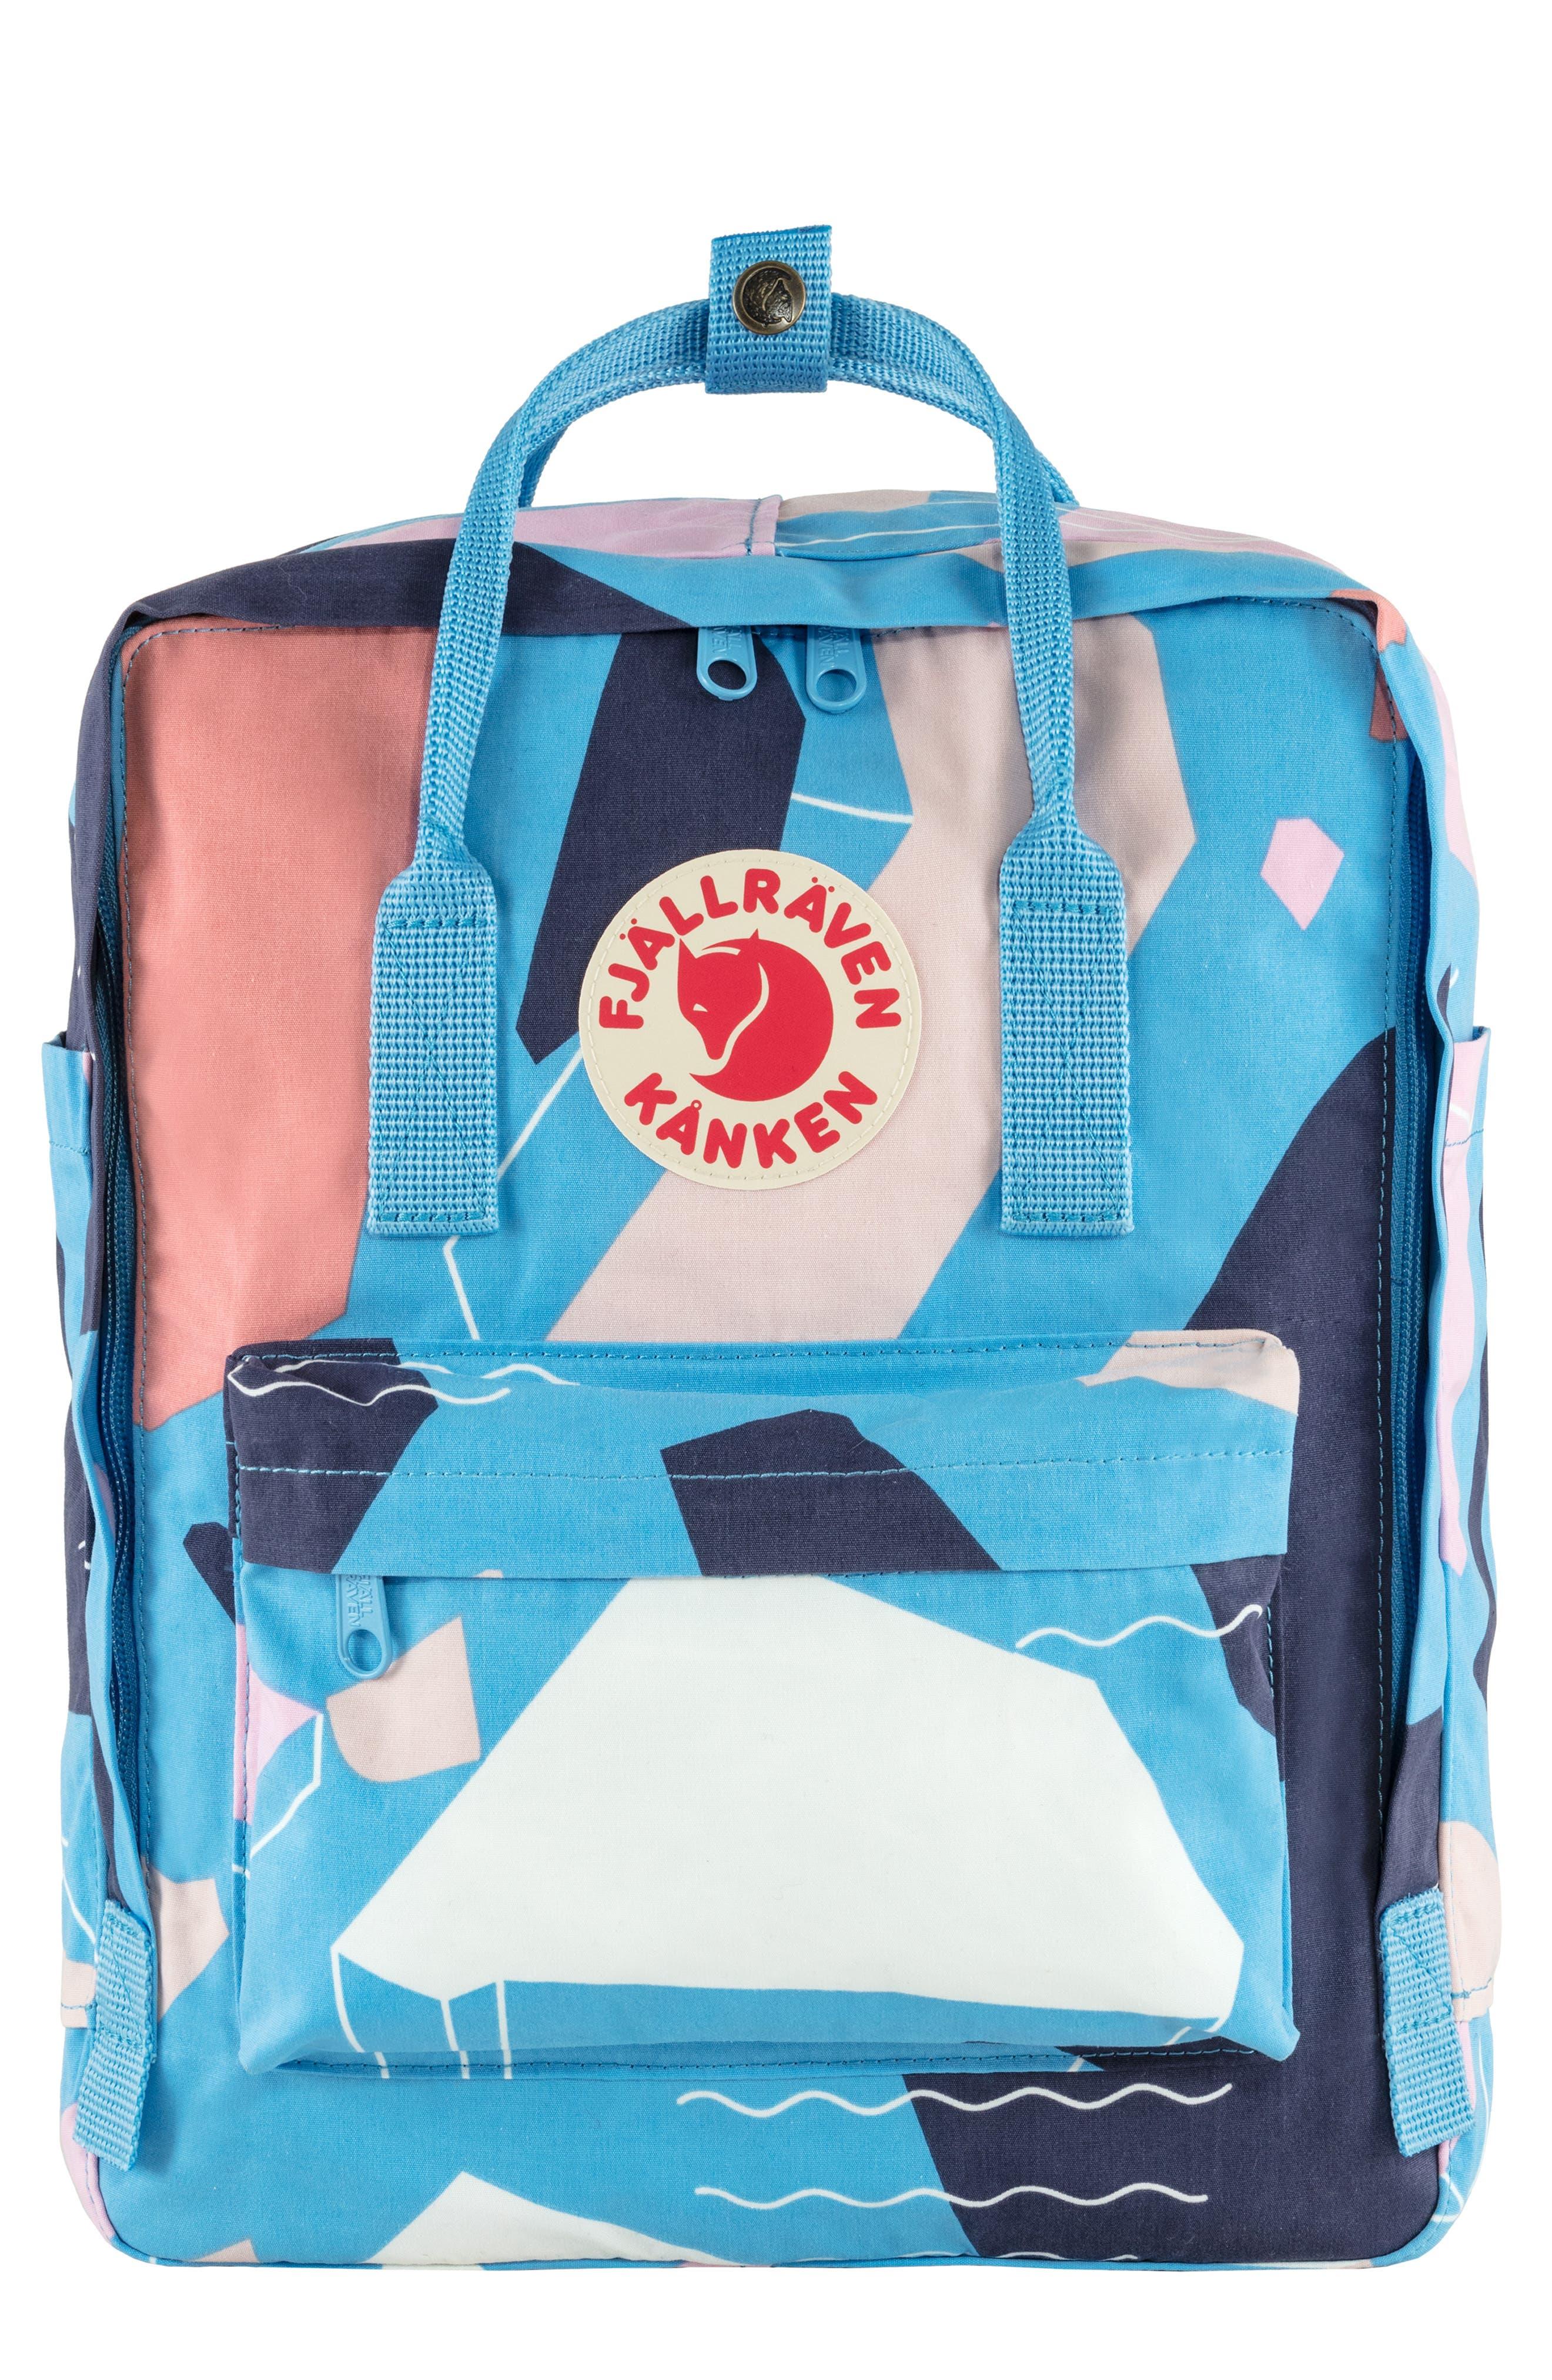 Kanken Art Water Resistant Backpack